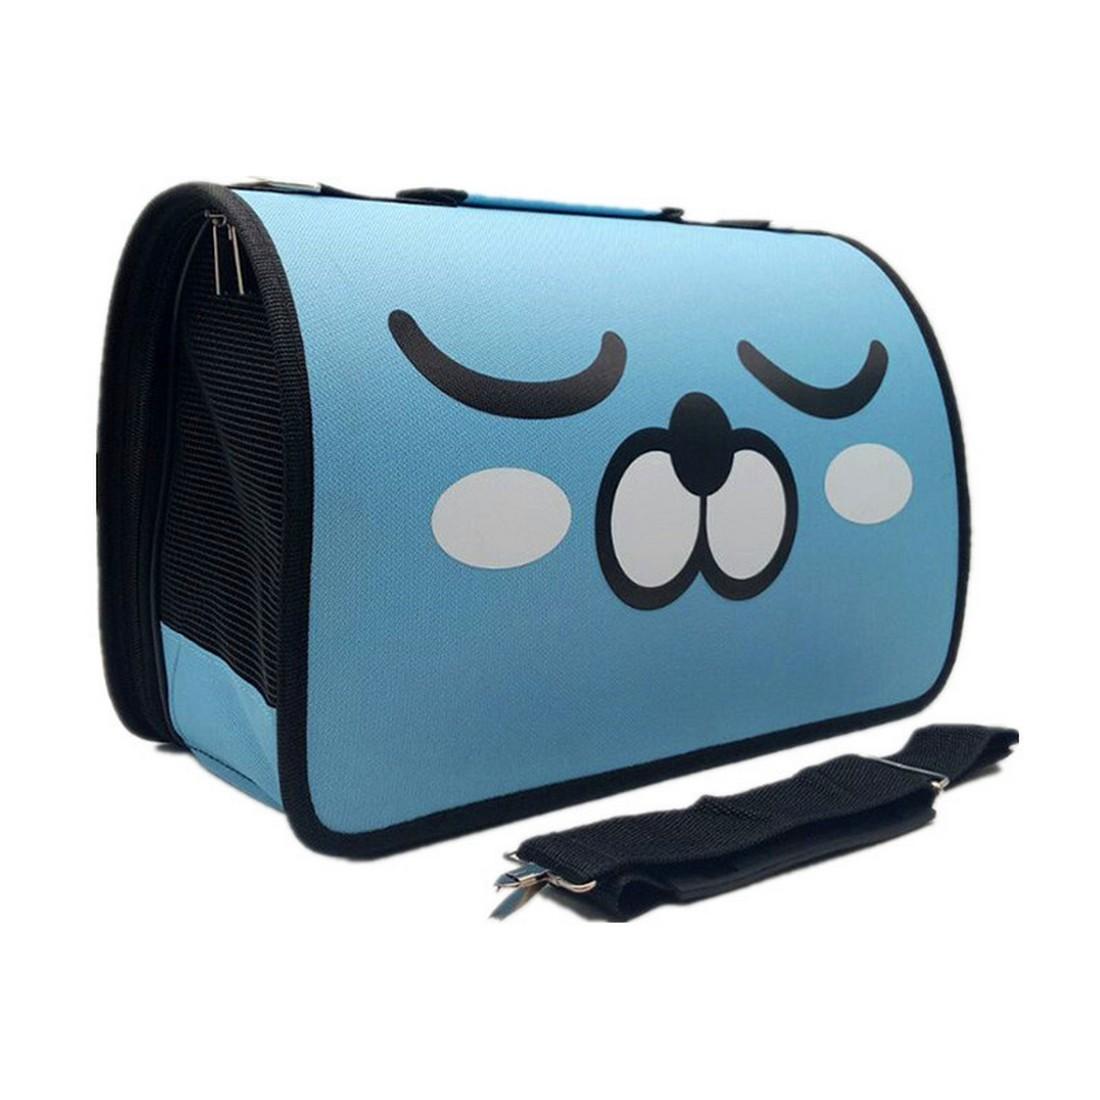 ペット用キャリーバッグ 通気性 ドッグバッグ セール開催中最短即日発送 キャットバッグ Lサイズ ライトブルー 新着 折りたたみ式ワンショルダーポータブルメッセンジャーバッグ